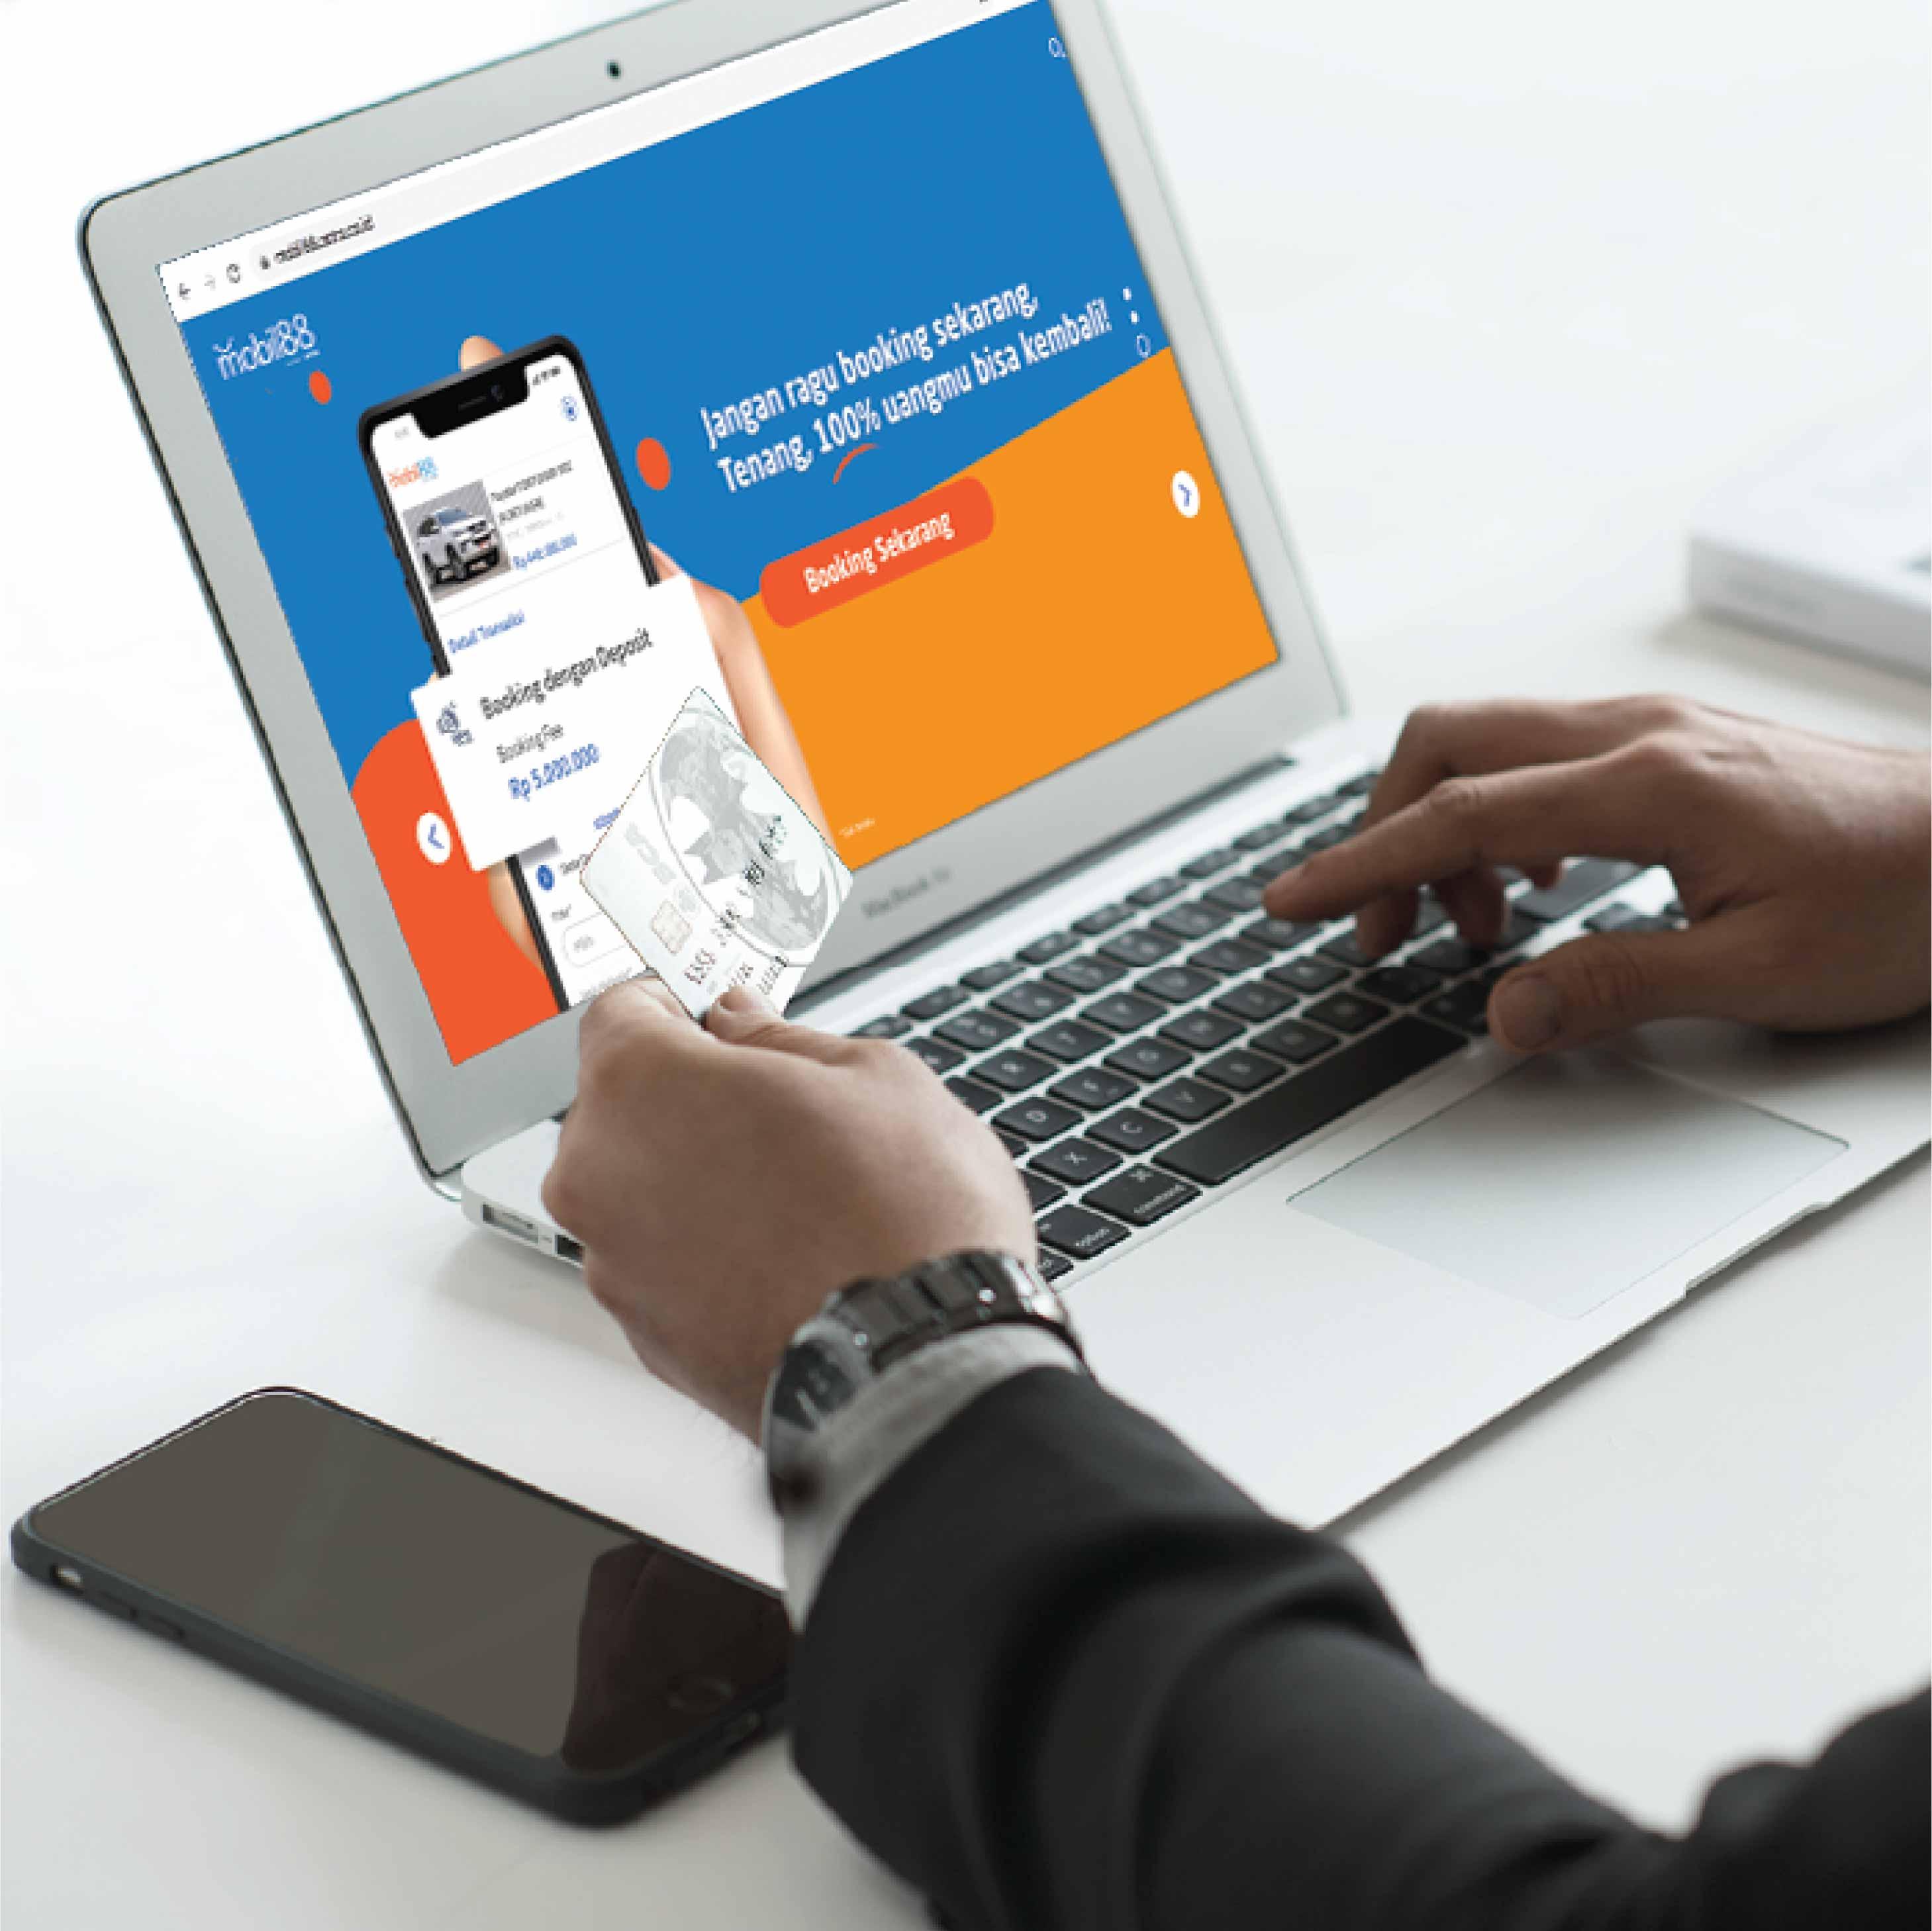 Beli Mobil Bekas Via Online di mobil88 Dapat Garansi Mesin dan Uang Booking Bisa Balik 100%